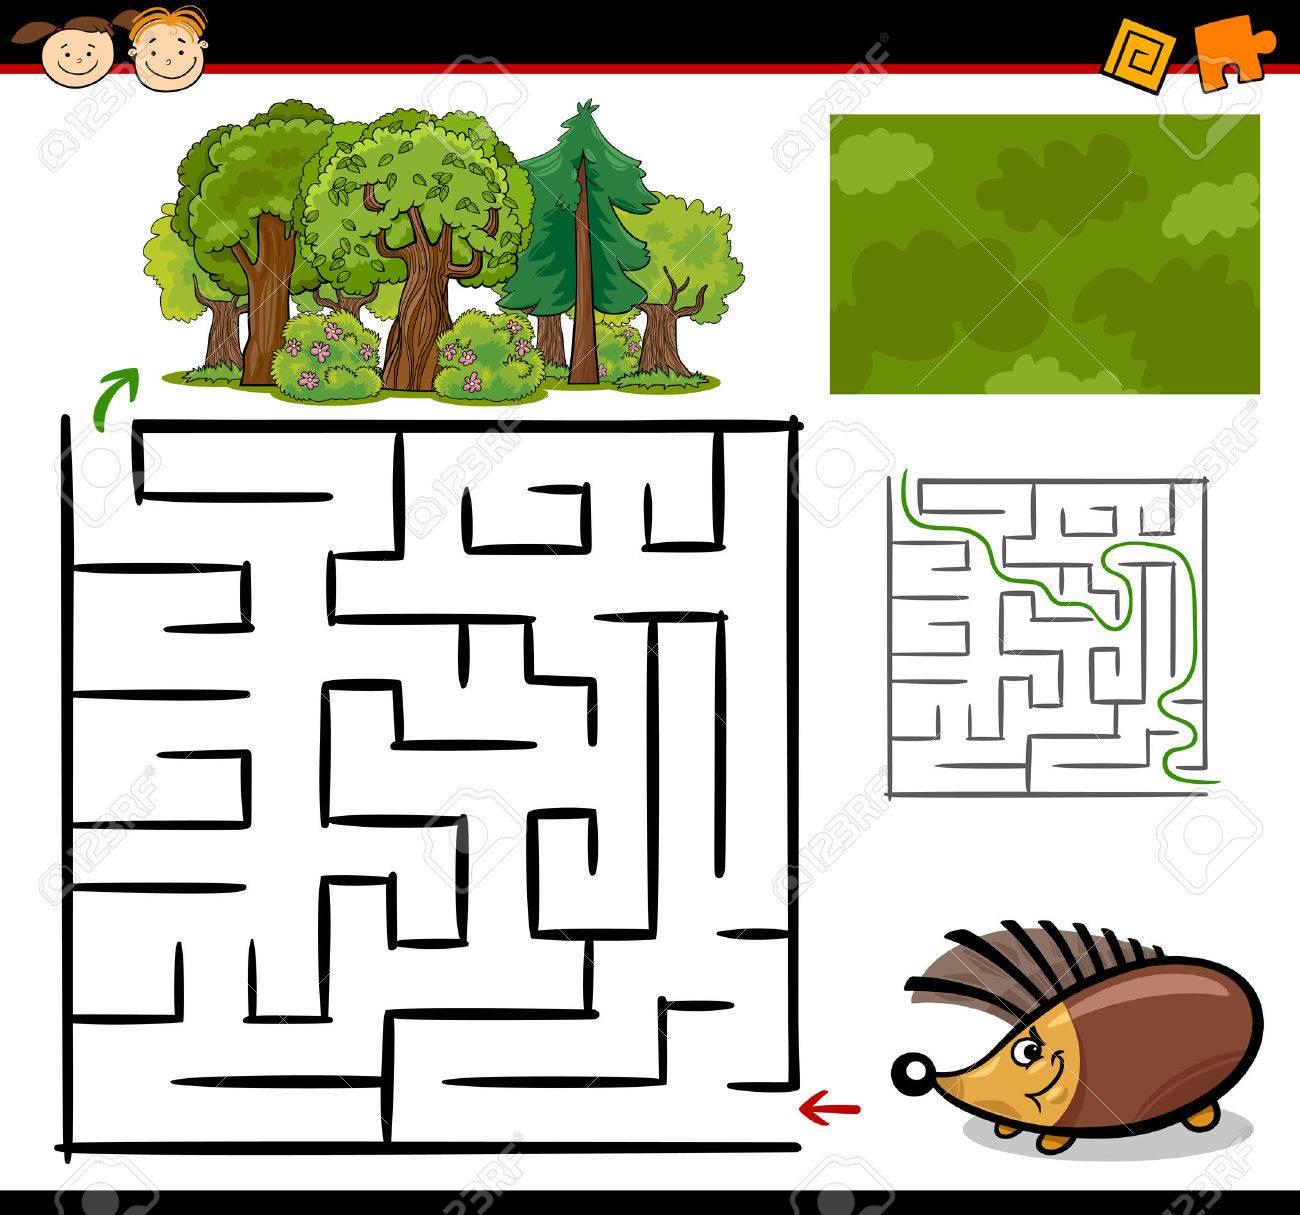 Ilustracion De Dibujos Animados De Maze Educacion O Juego Laberinto